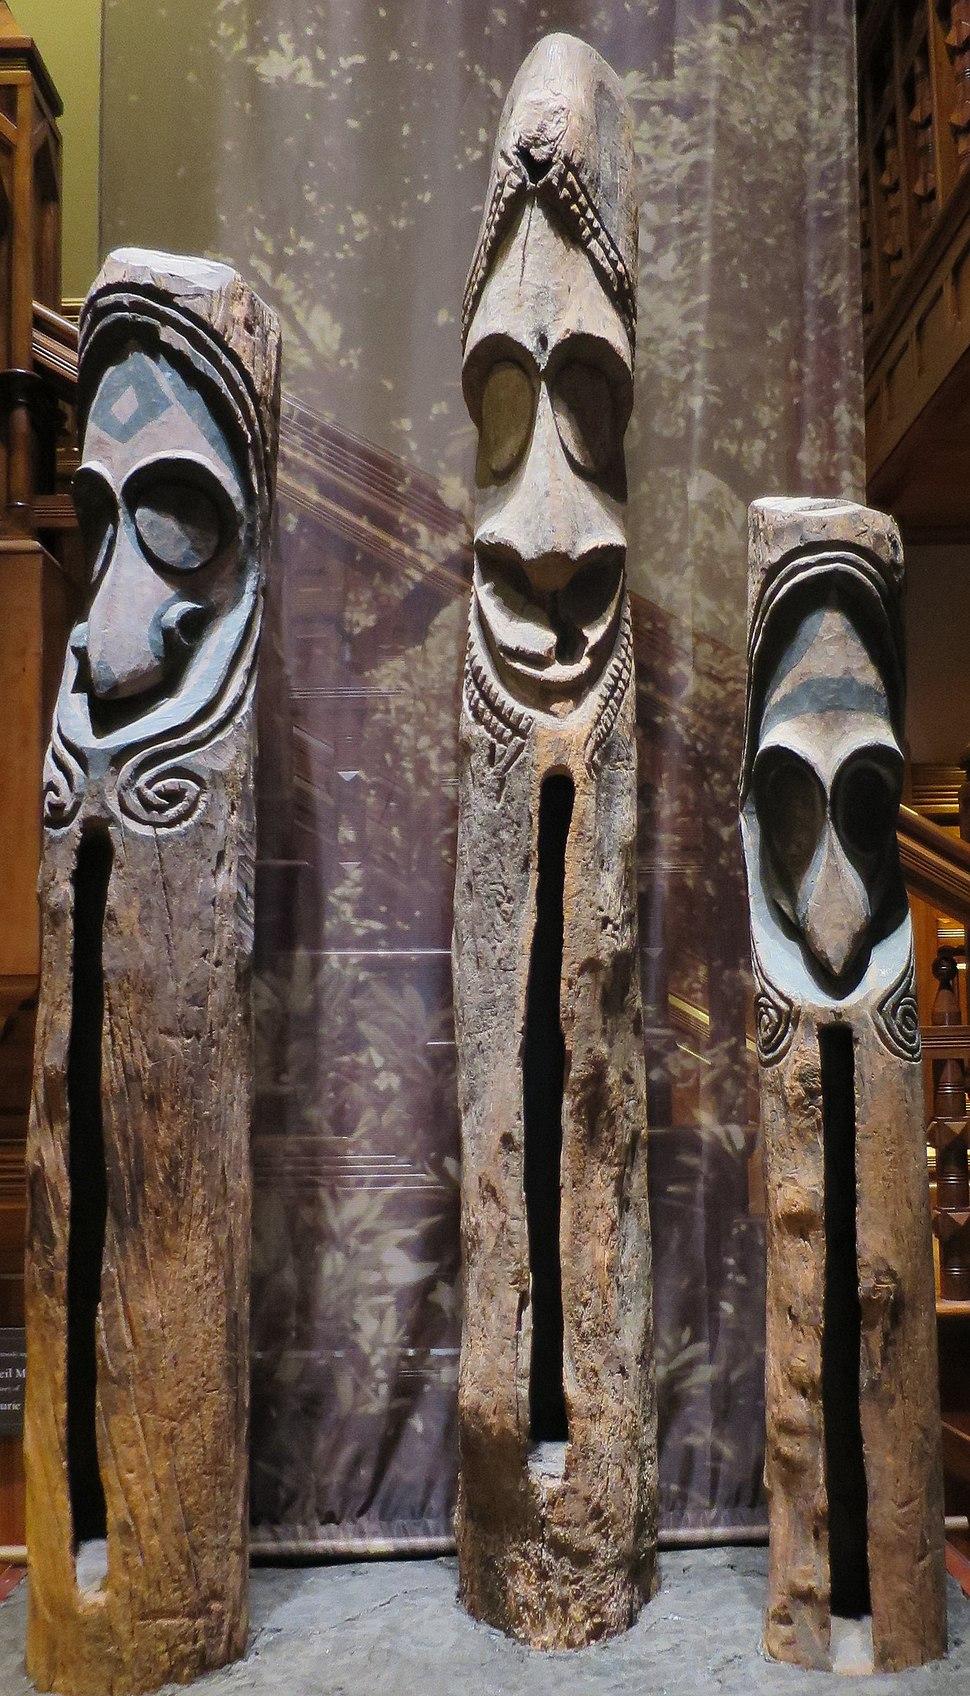 Wooden slit drums from Vanuatu, Bernice P. Bishop Museum